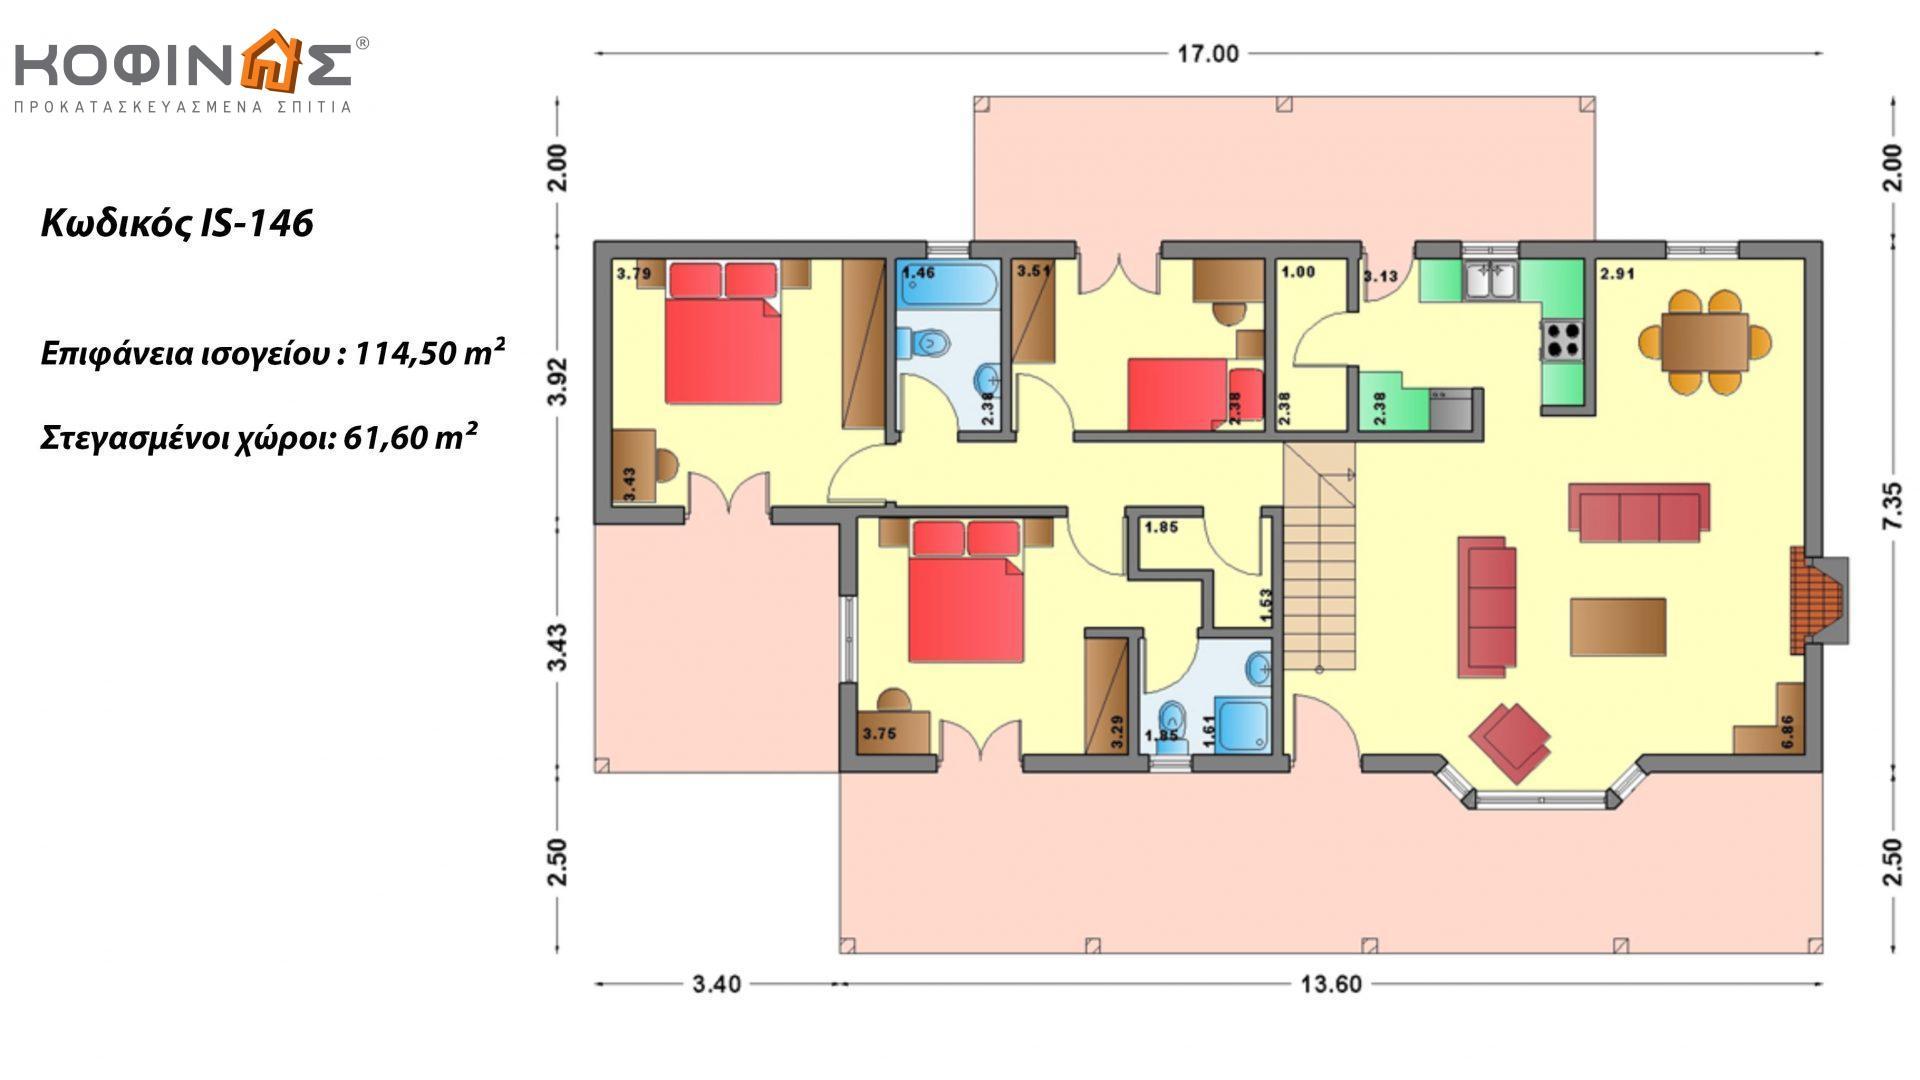 Ισόγεια Κατοικία με Σοφίτα IS-146, συνολικής επιφάνειας 146,60 τ.μ., συνολική επιφάνεια στεγασμένων χώρων 61,60 τ.μ.